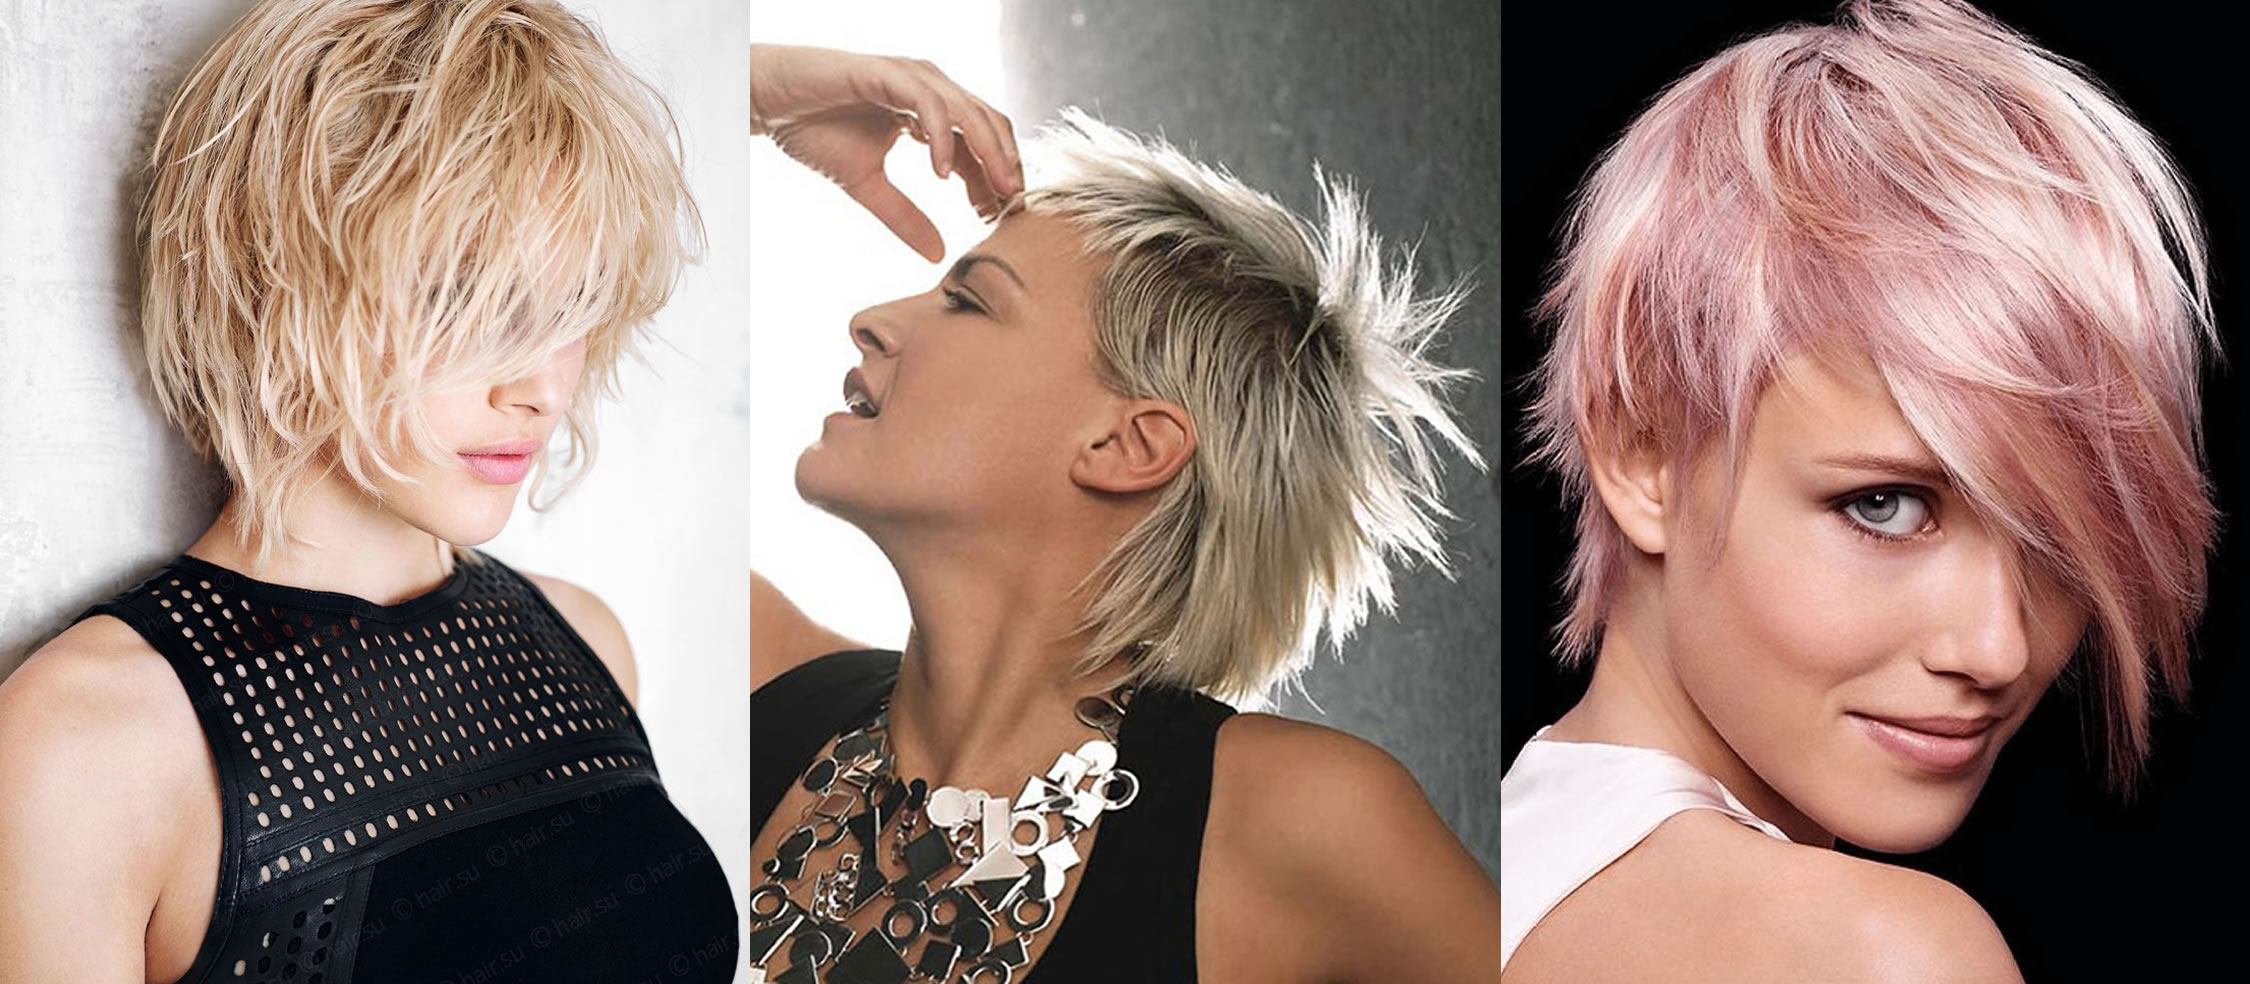 +75 Beautiful Short Haircuts for Women 2018-2019 13